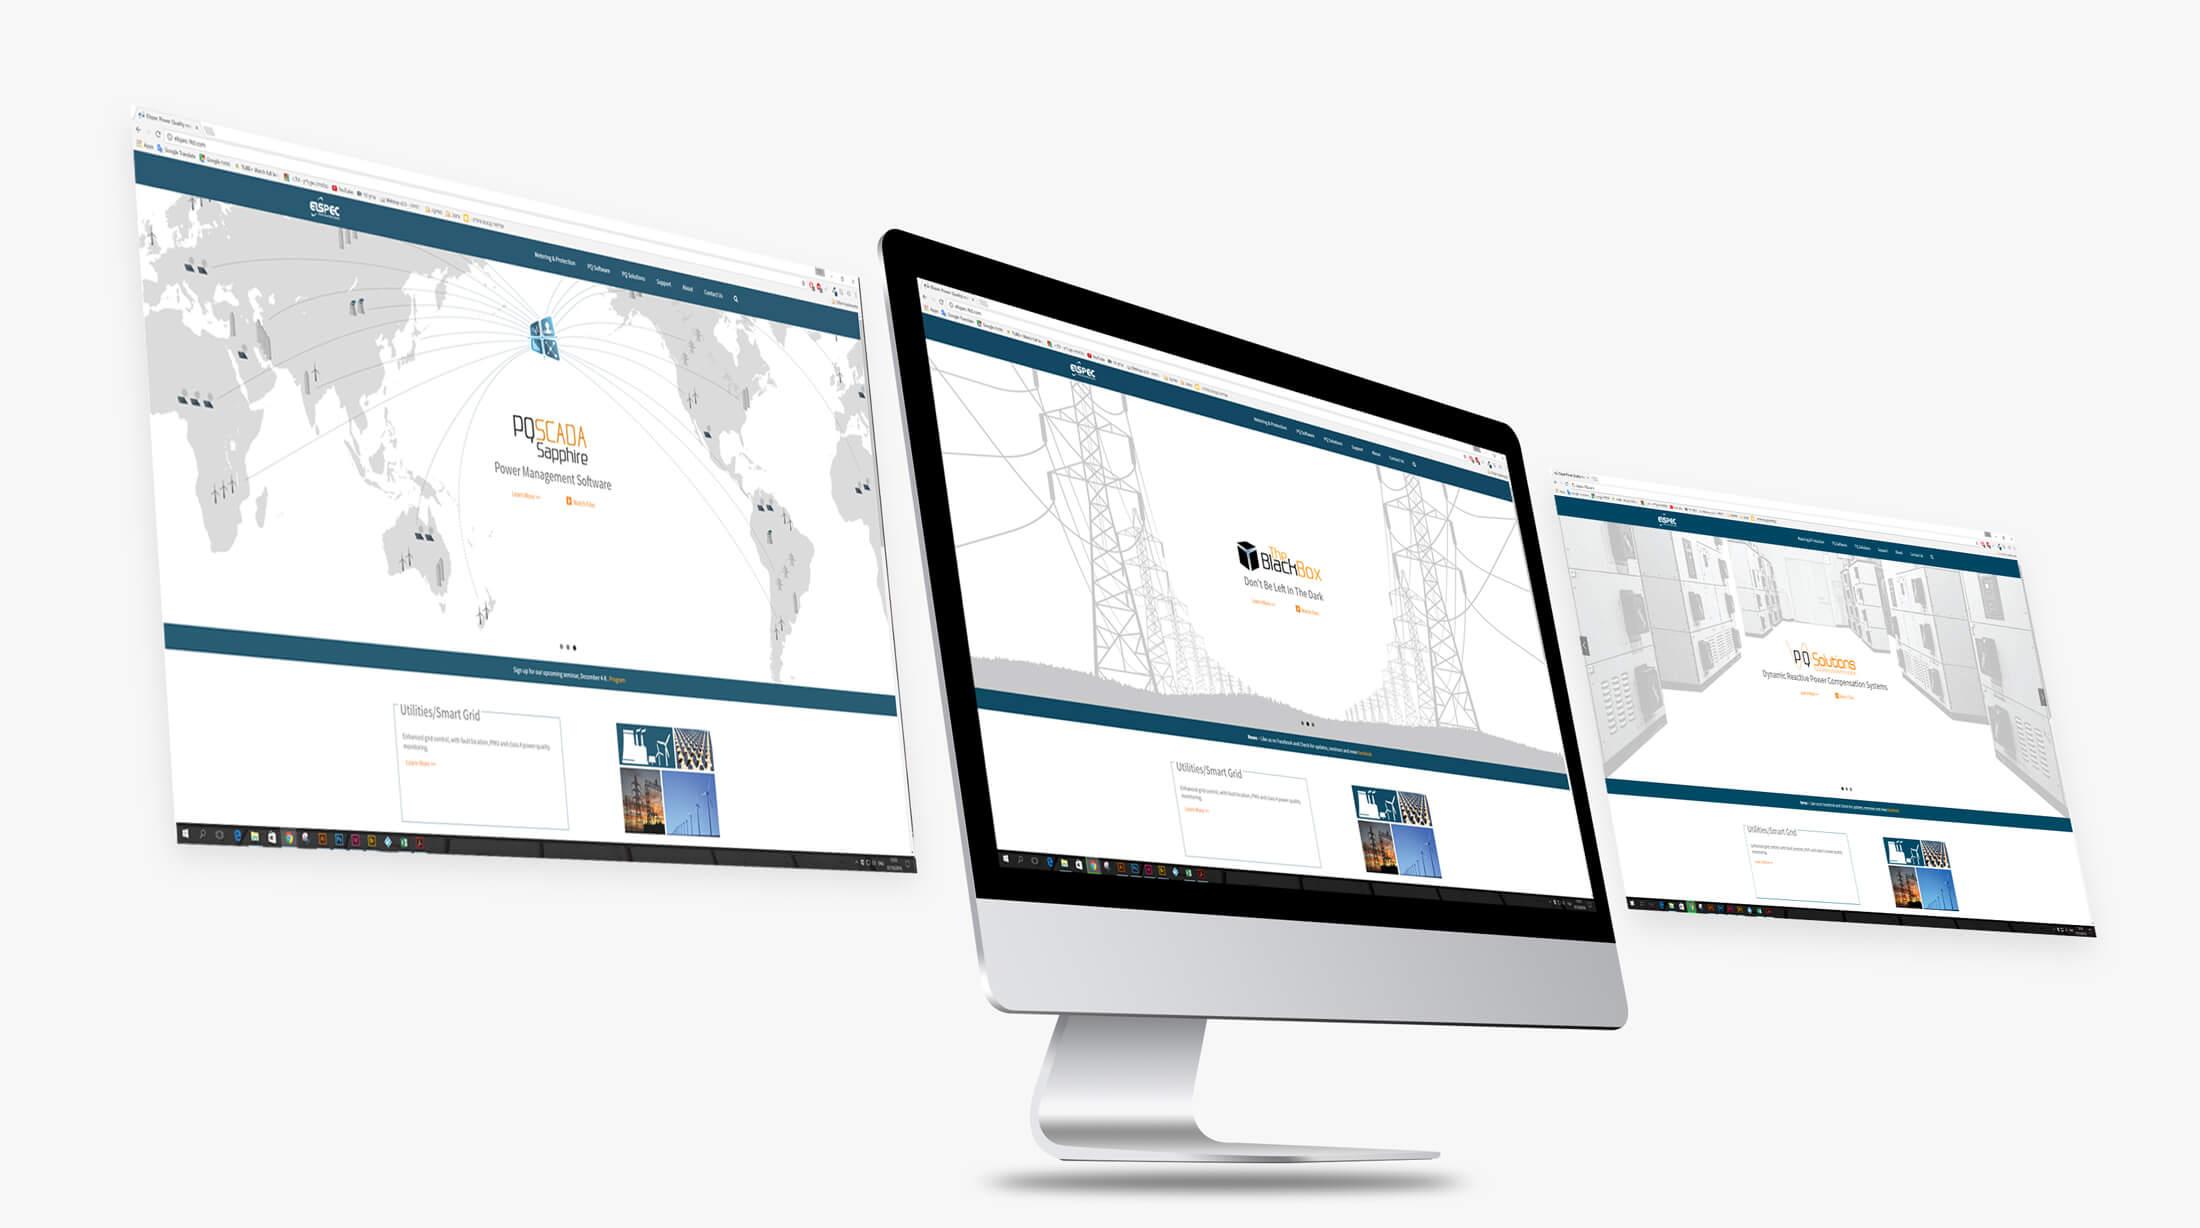 הדמיה לעיצוב המסכים של חברת אלספק. פולדים עם איורים אפורים בהרים בנושאי חשמל: חדר שרתים, עמודי חשמל וגלובוס